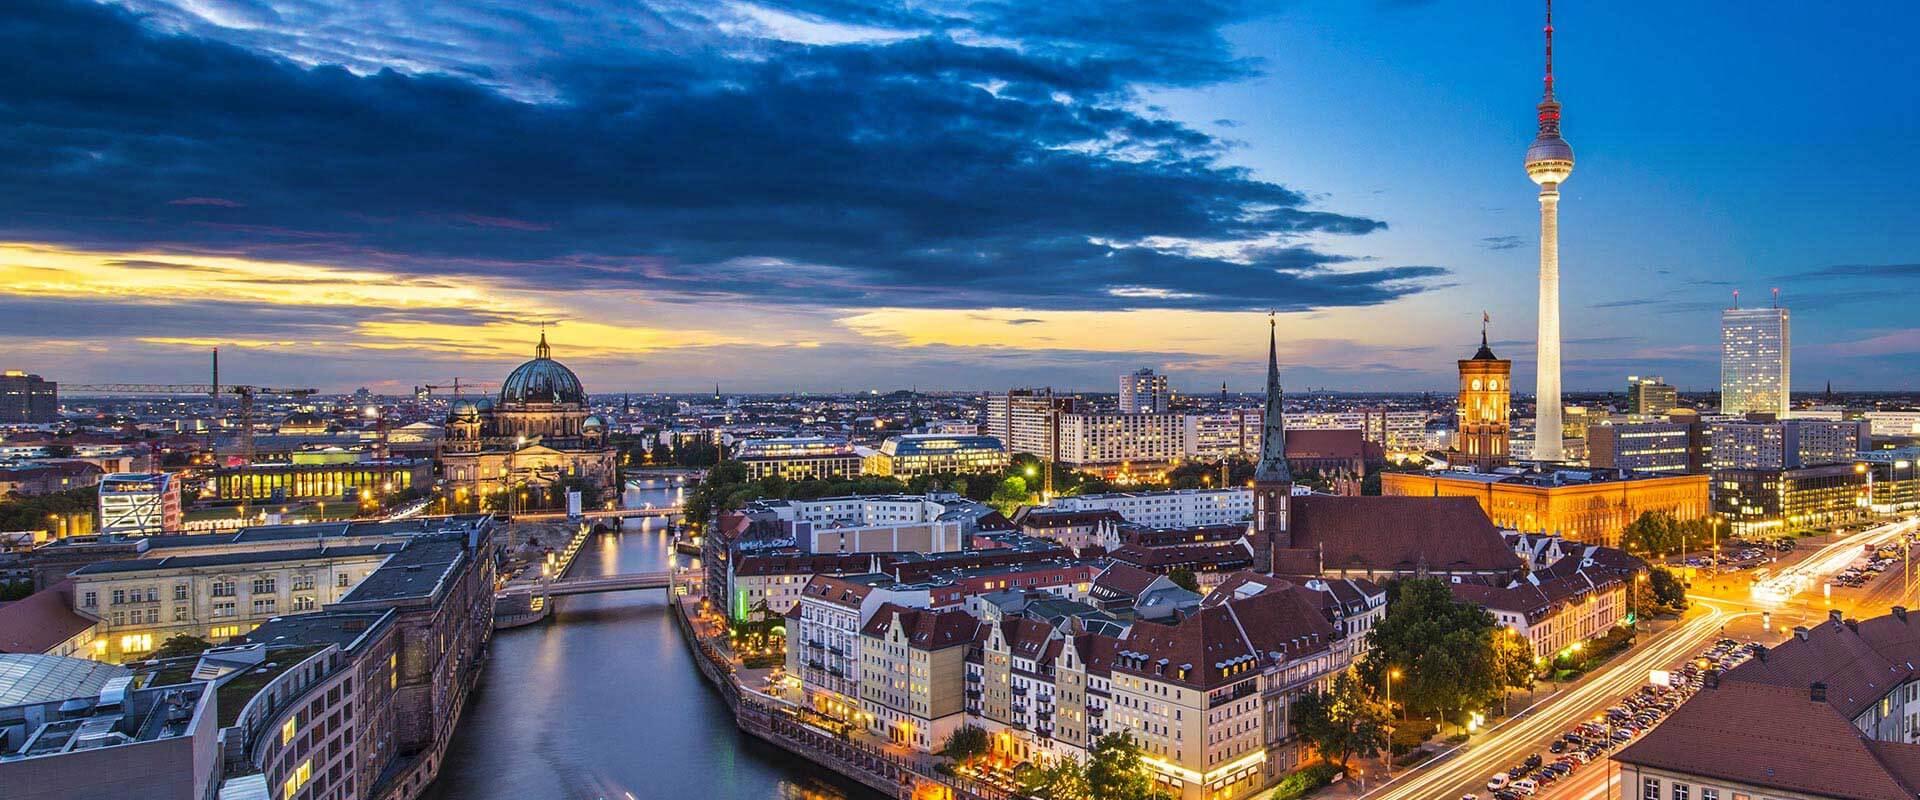 WordCamp Europe 2019 Workshops in Berlin